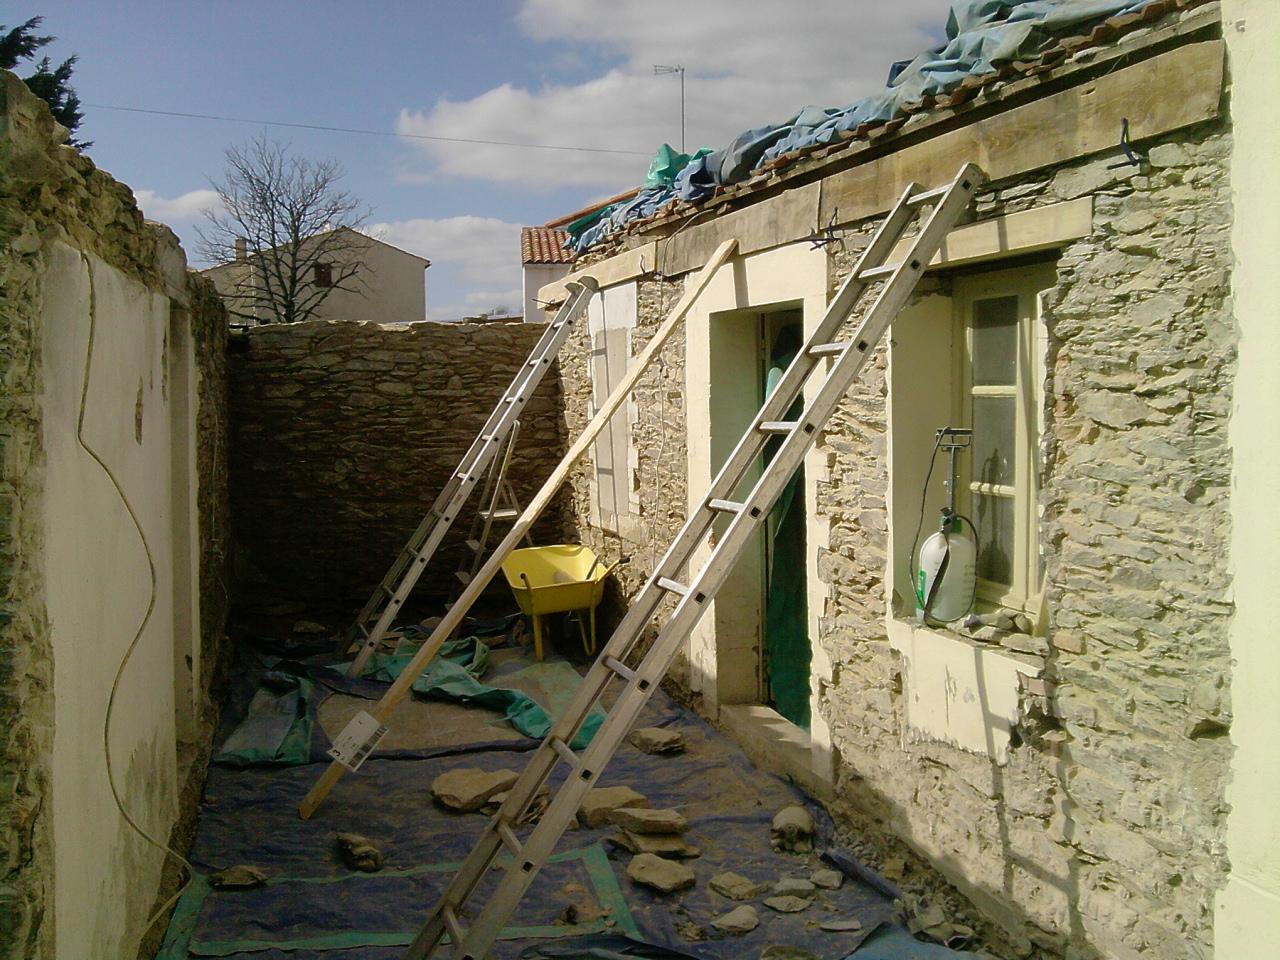 Maison pr vert c 39 est du b ton arm parfois - Maison en beton arme ...